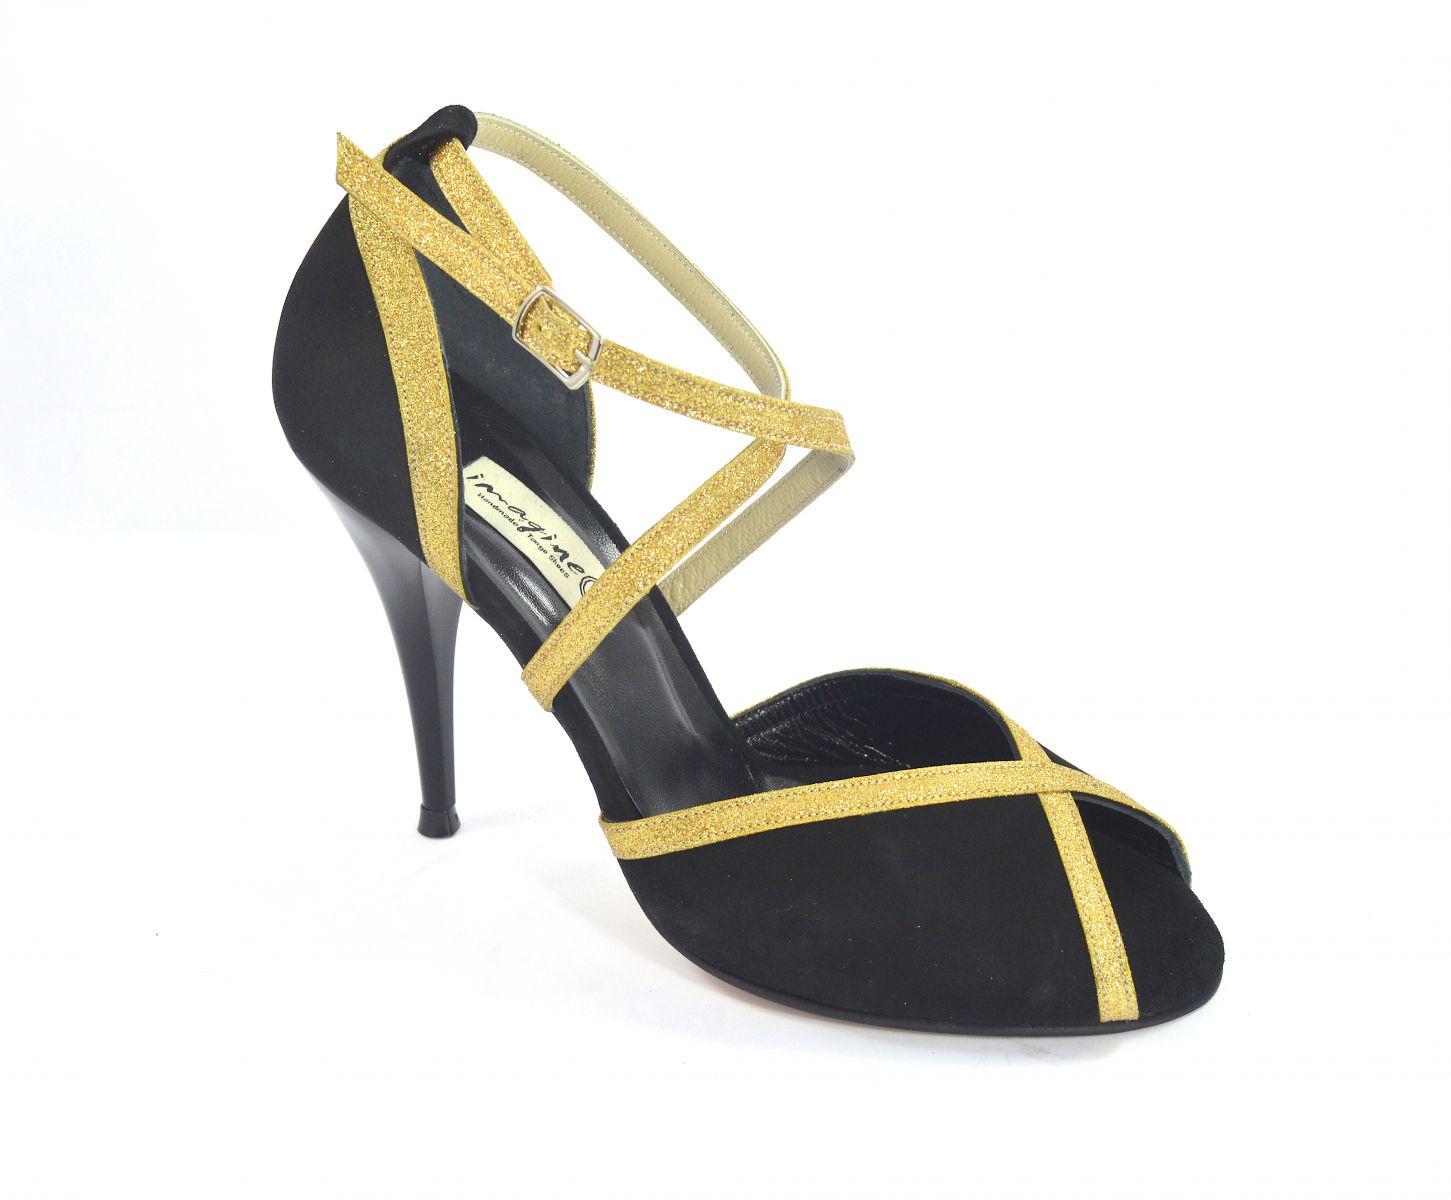 Γυναικείο παπούτσι tango peep toe από μαύρο σουέτ και χρυσό γκλίτερ